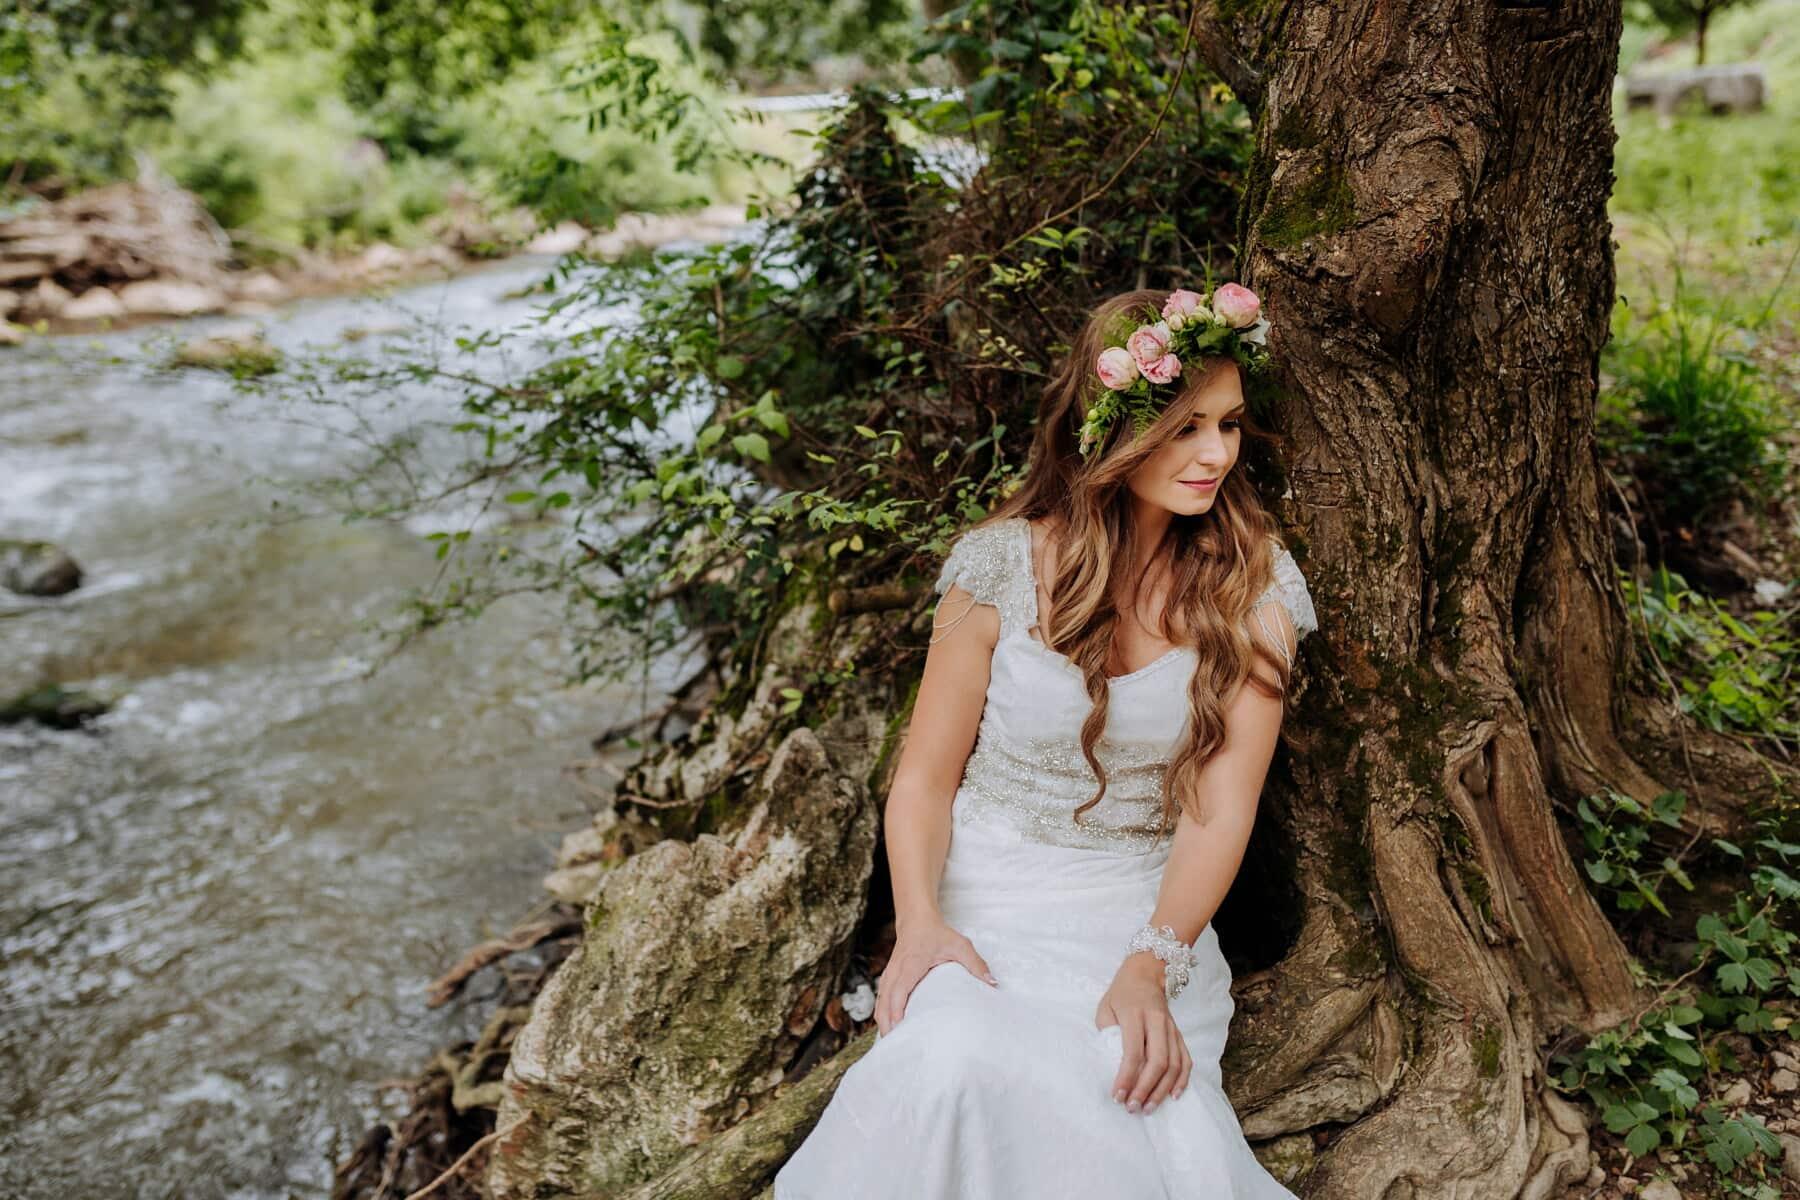 déesse, beauté, Jolie fille, nymphe, la mariée, robe, jeune fille, bois, arbre, Portrait